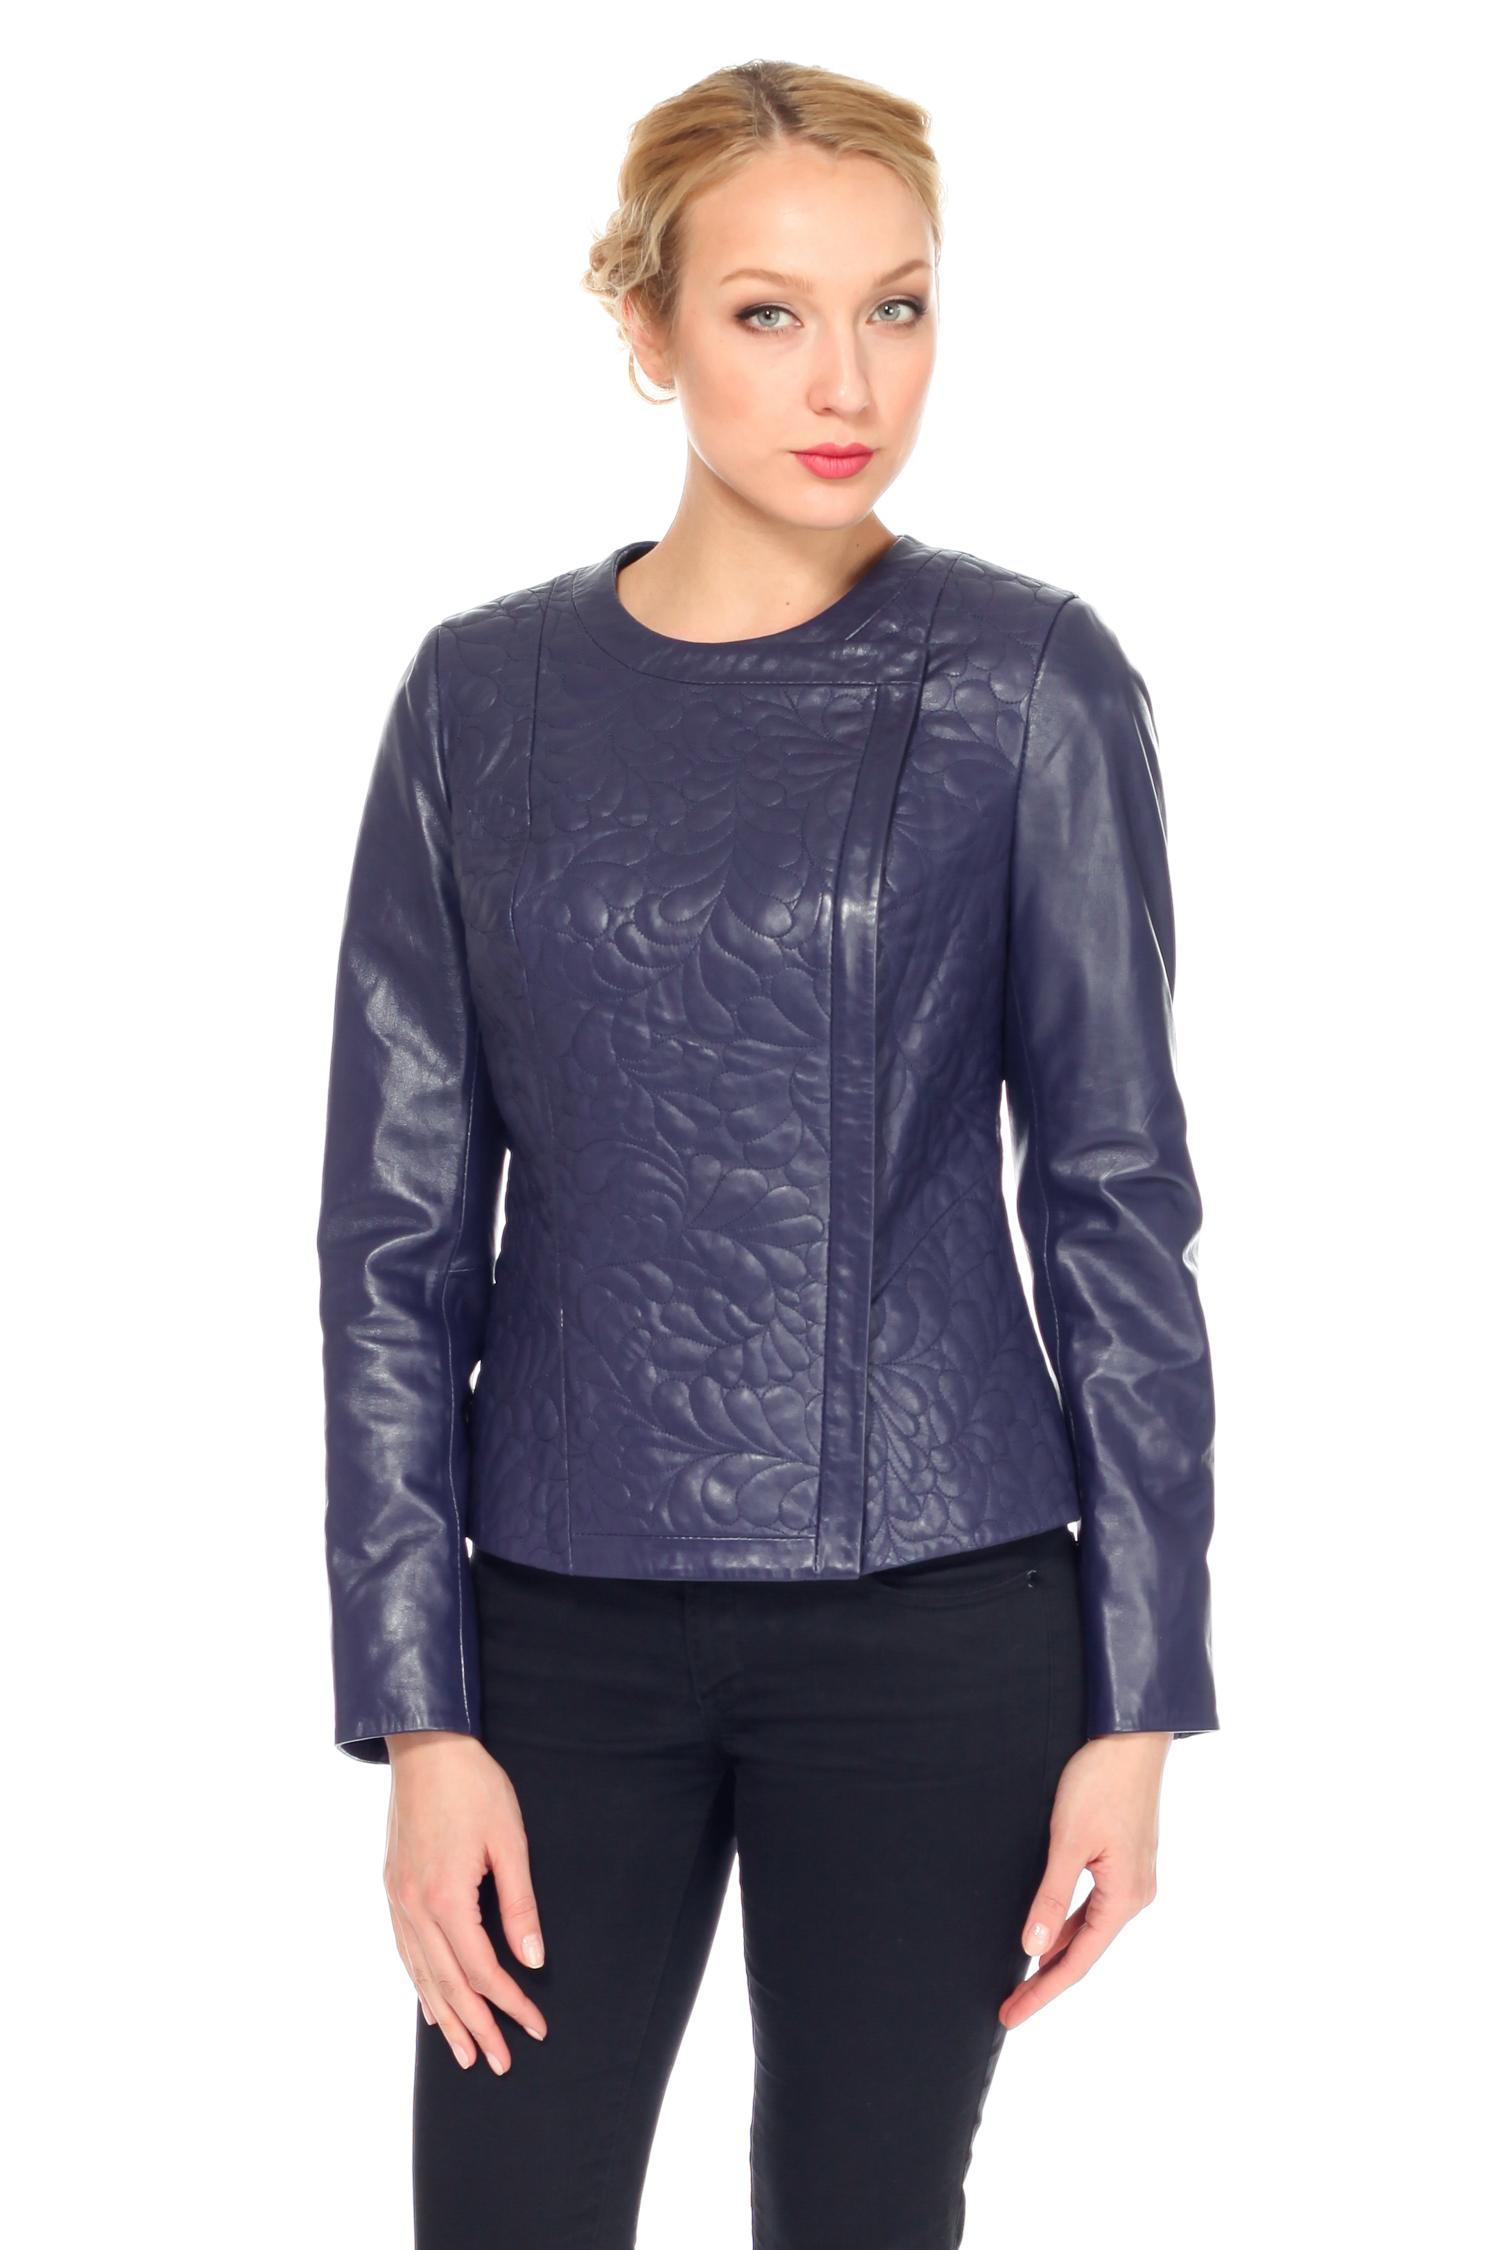 Женская кожаная куртка из натуральной кожи, без отделки<br><br>Цвет: синий<br>Длина см: Короткая (51-74 )<br>Материал: Кожа овчина<br>Застежка: на молнии<br>Воротник: без воротника<br>Пол: Женский<br>Размер RU: 46